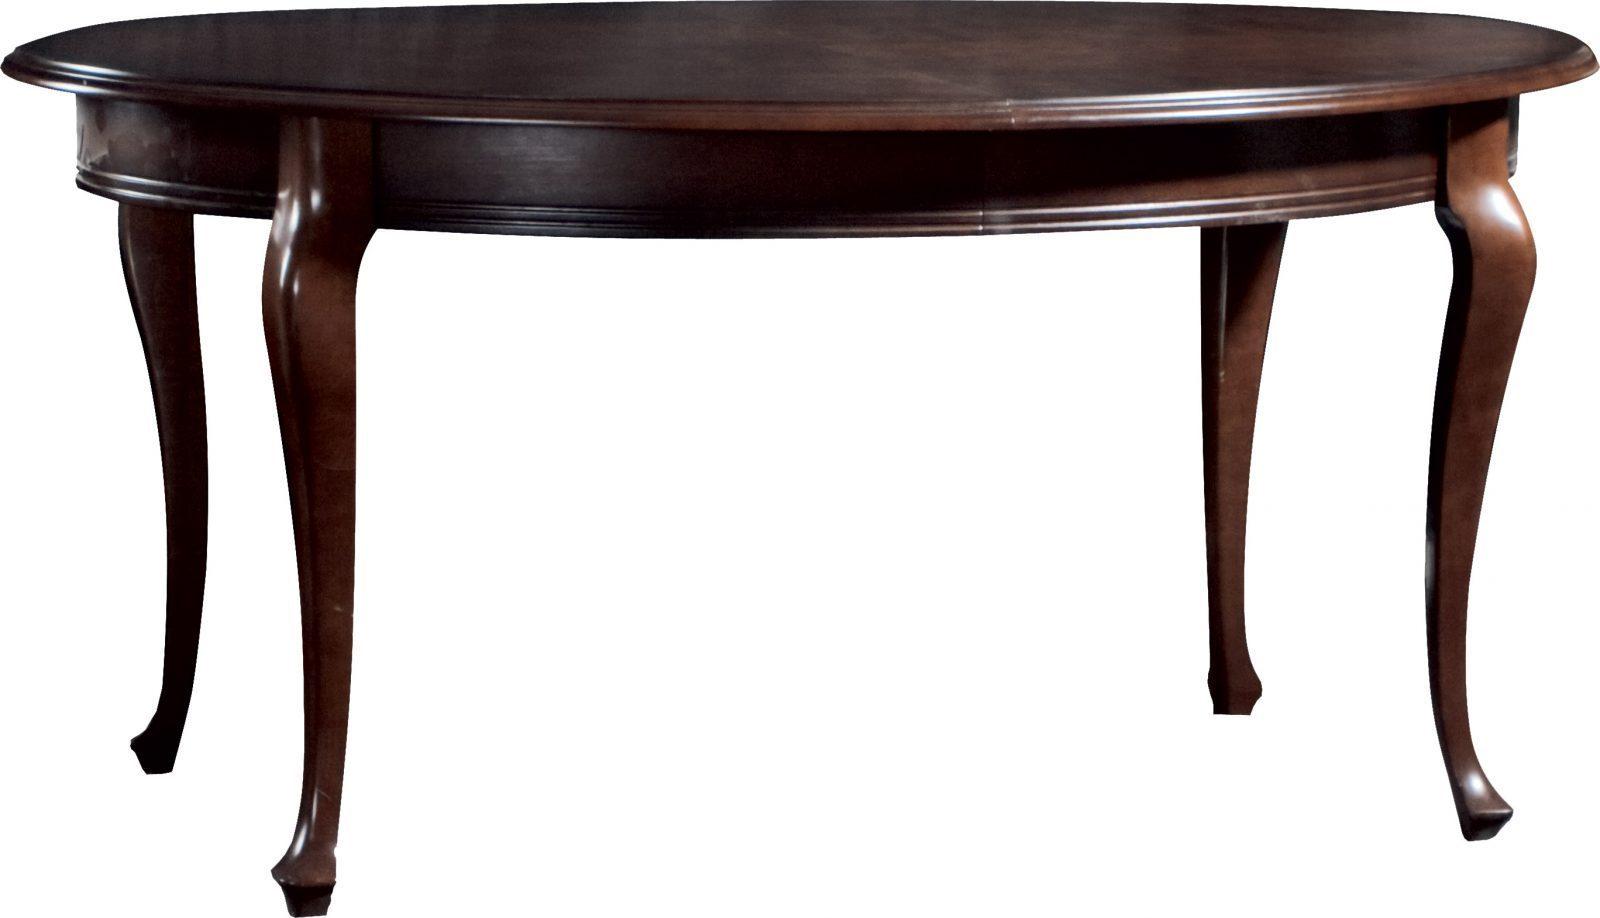 Елипсовидна маса V-1 Verona - арт мебели естествено дърво